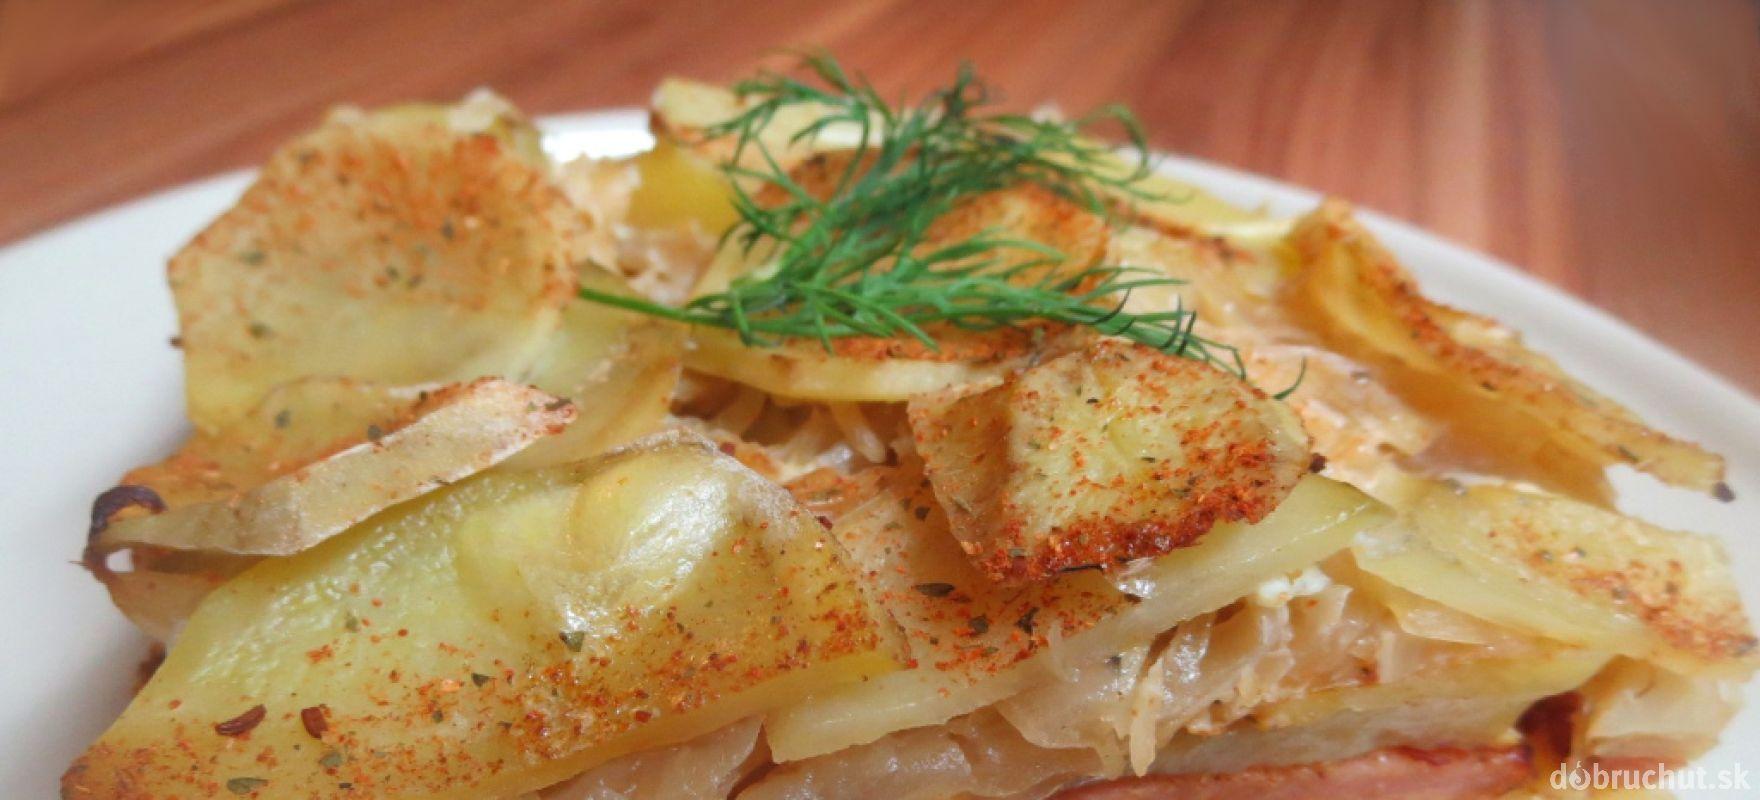 Fotorecept: Údené mäso v zemiakovo-kapustovej perine